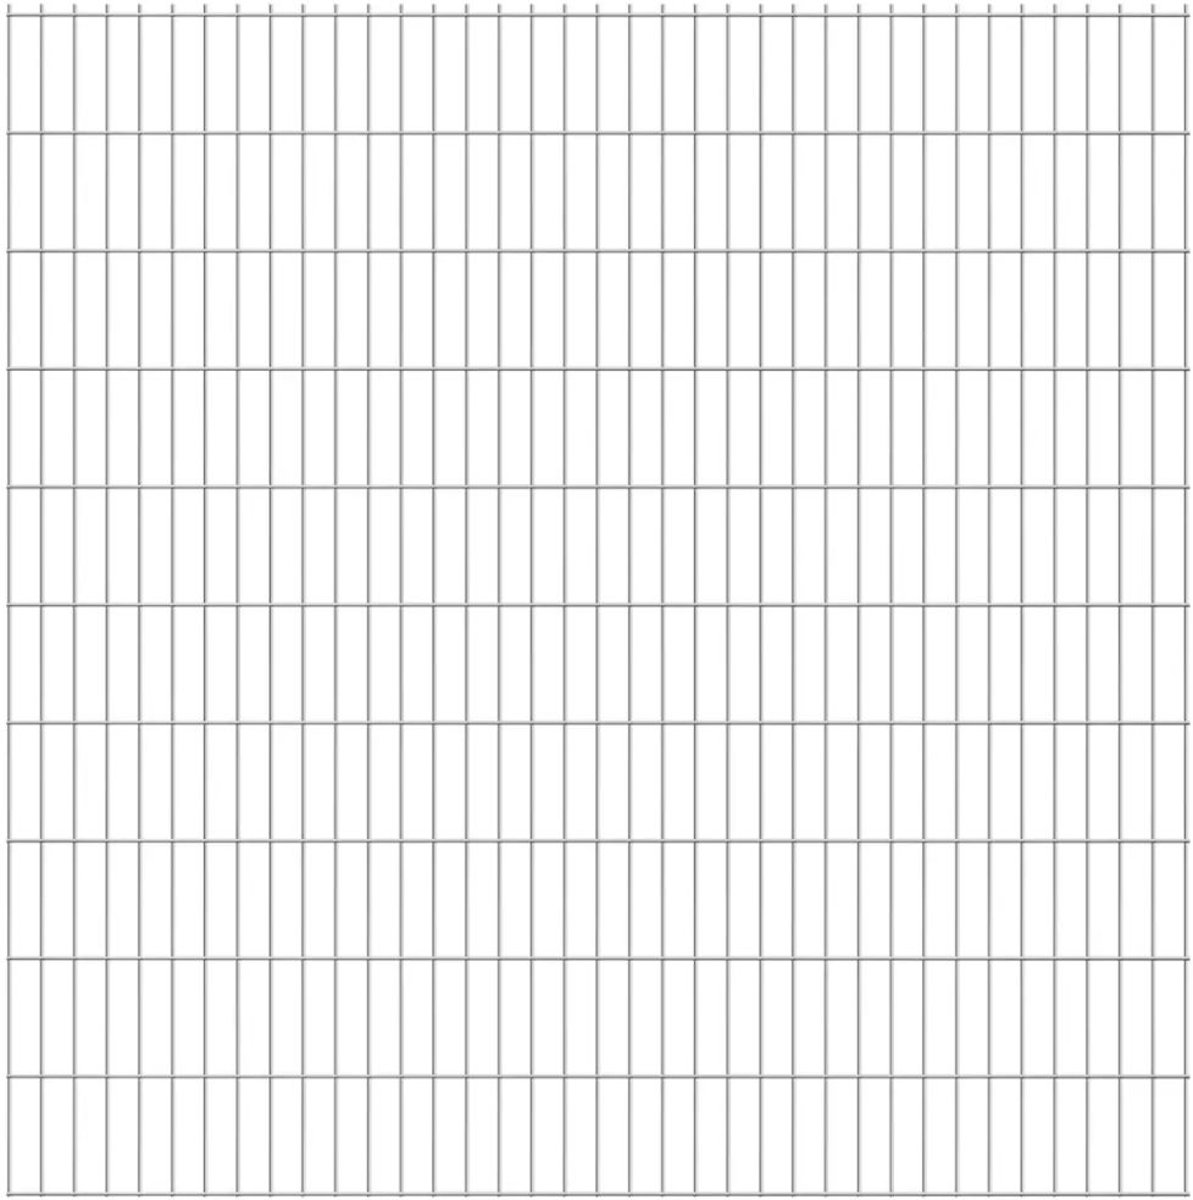 vidaXL Dubbelstaafmatten 2008 x 2030mm 22m Zilver 11 stuks kopen